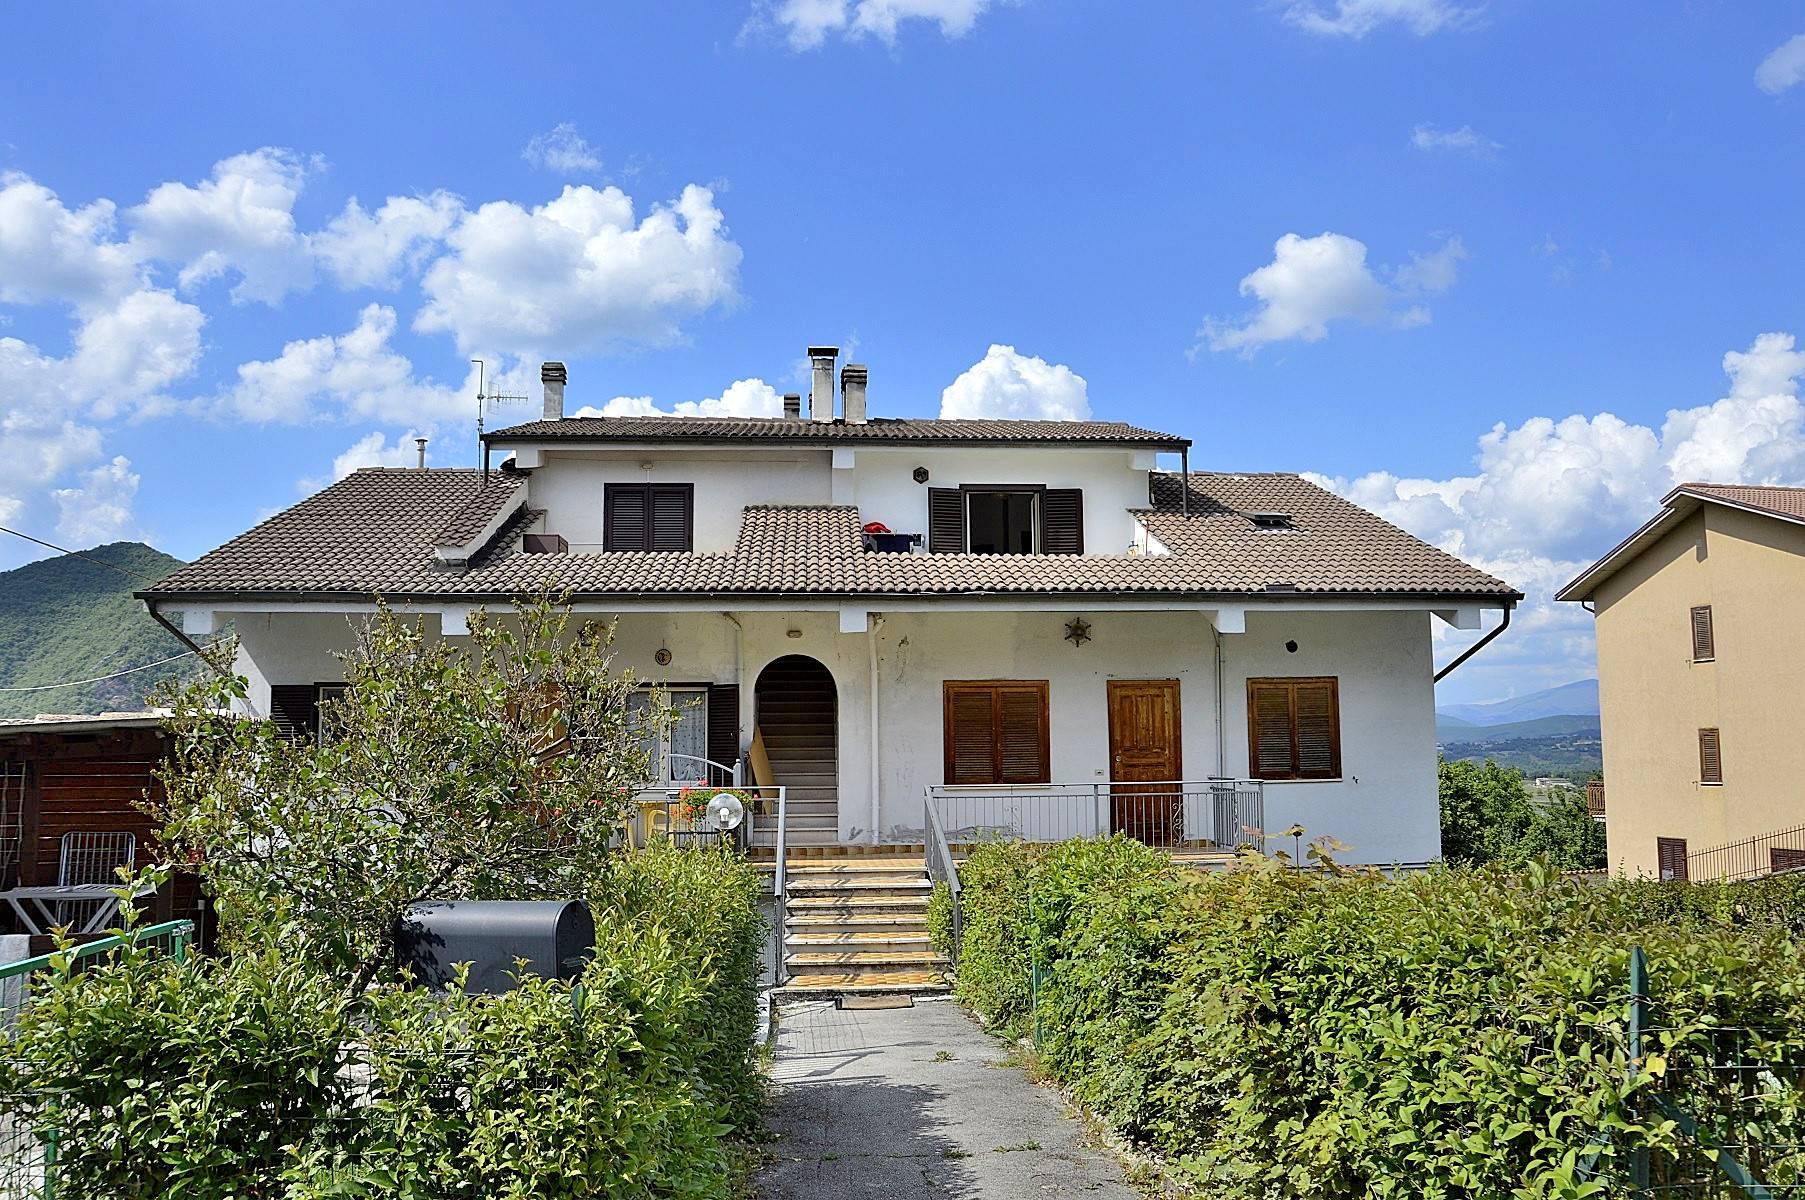 Appartamento in vendita a Cascia, 3 locali, zona Località: Ocosce, prezzo € 43.000 | CambioCasa.it